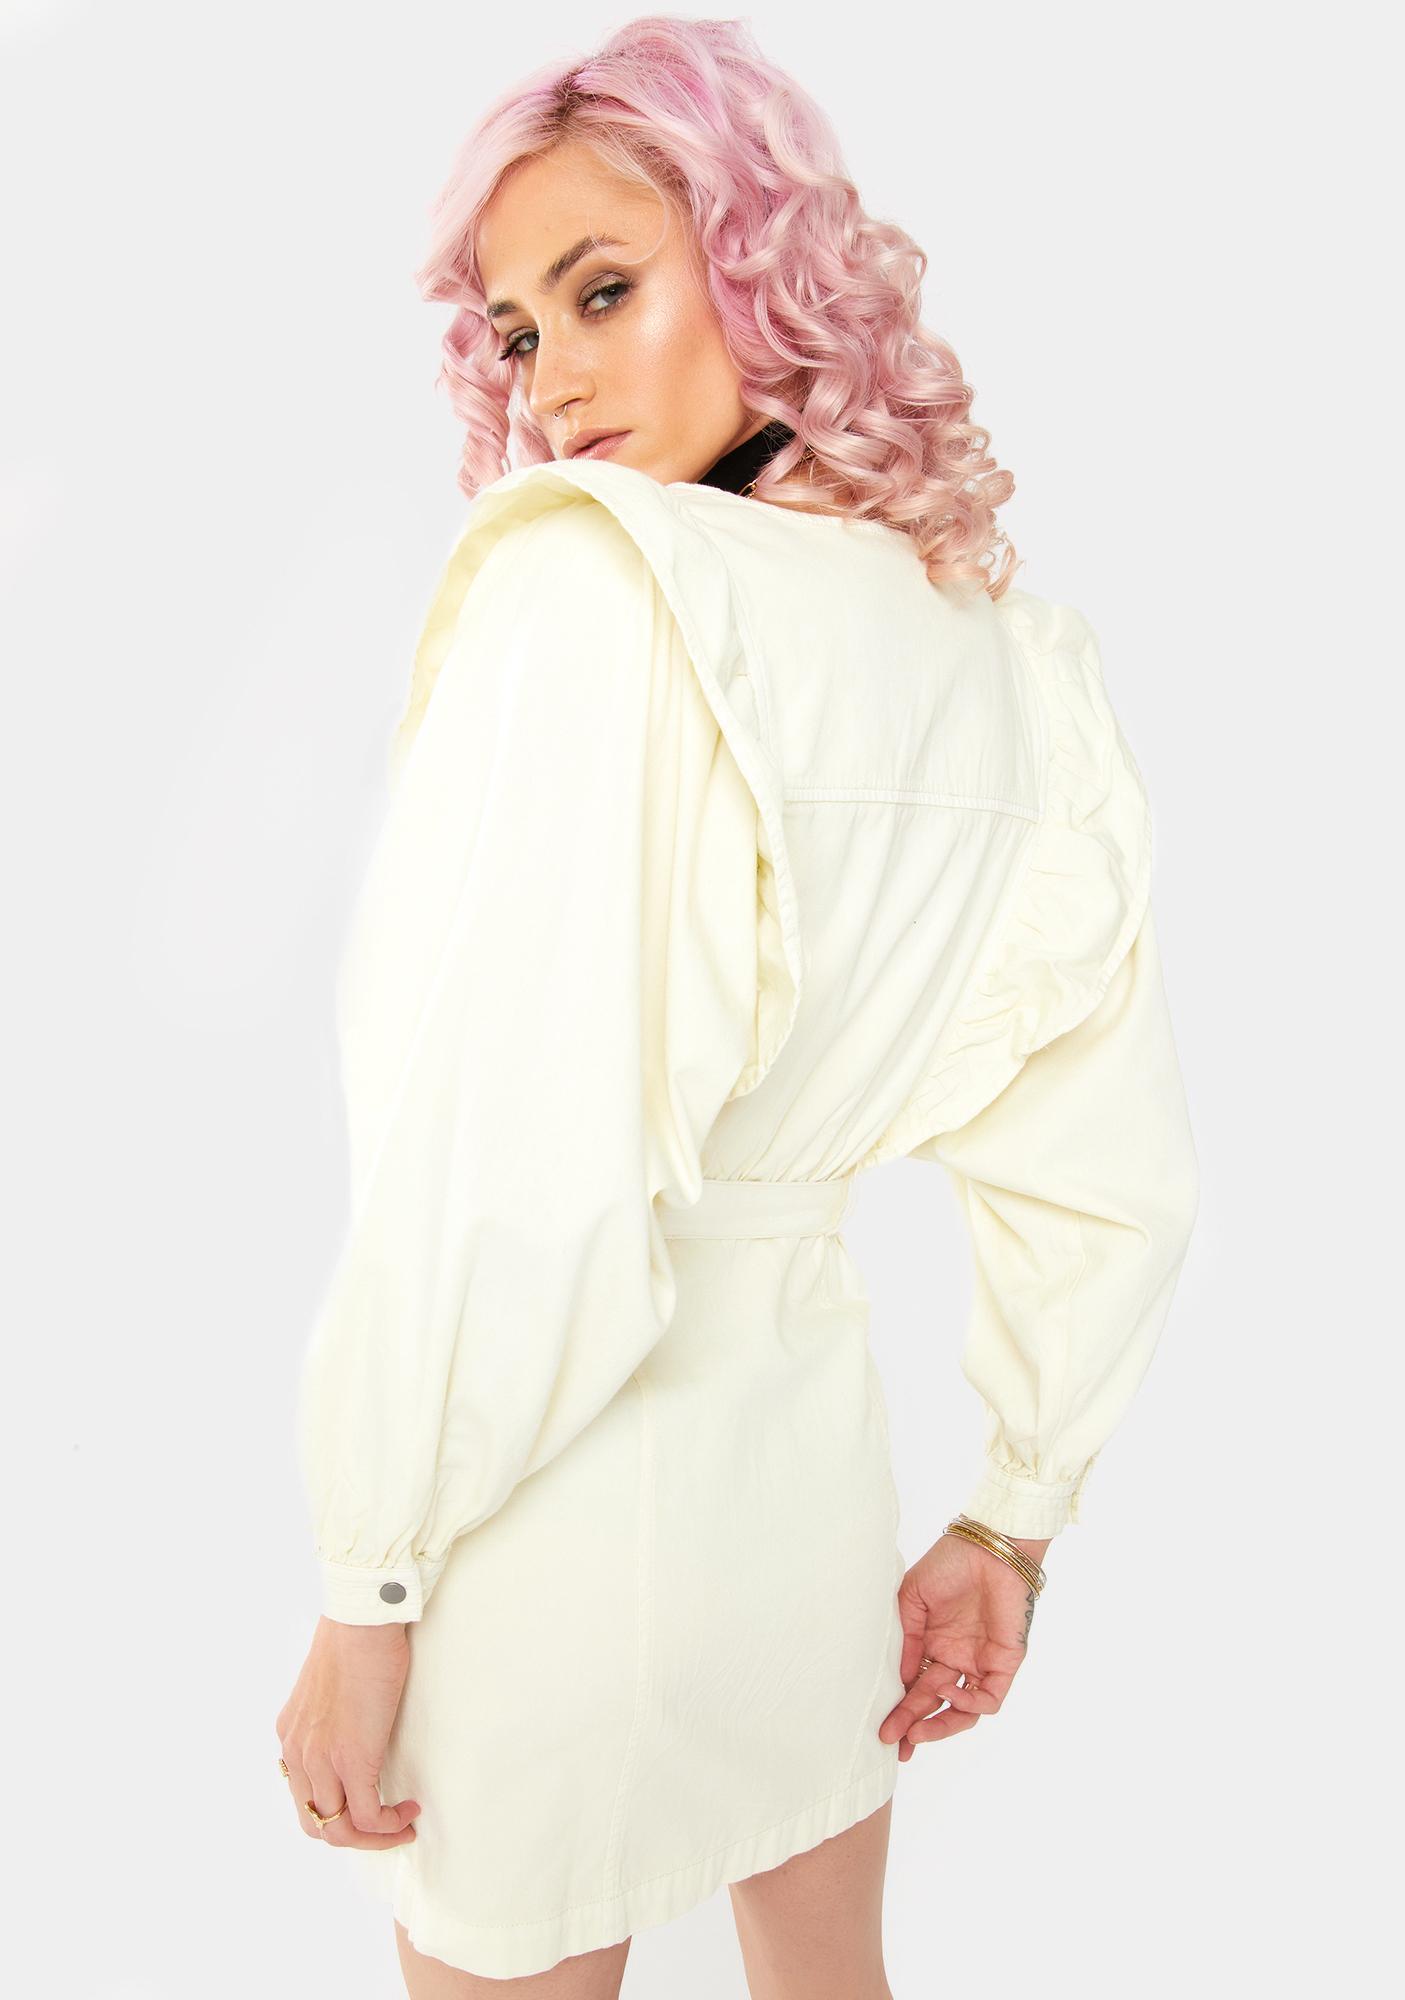 Free People Imogene Ruffle Mini Dress